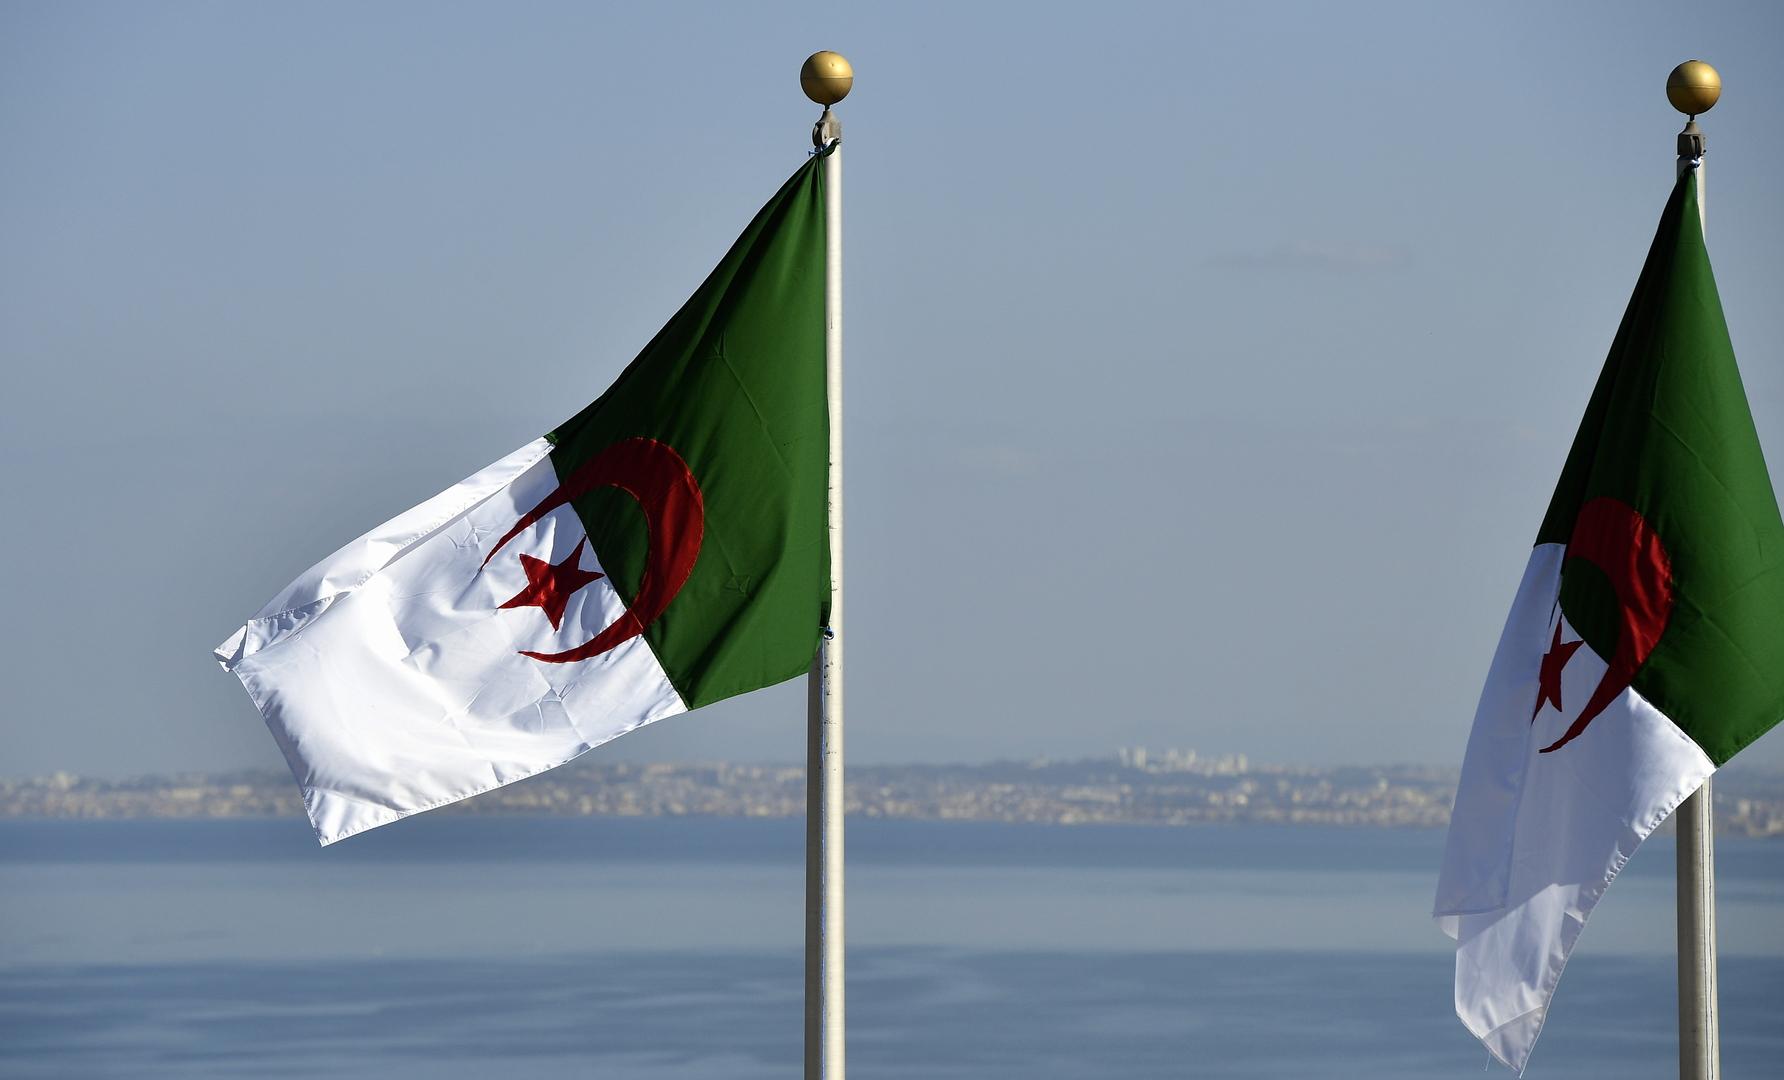 الرئيس الجزائري يقرر تنكيس علم <a href='/tags/175103-%D8%A7%D9%84%D8%A8%D9%84%D8%A7%D8%AF'>البلاد</a> ثلاثة <a href='/tags/174093-%D8%A3%D9%8A%D8%A7%D9%85'>أيام</a> حدادا على وفاة بوتفليقة